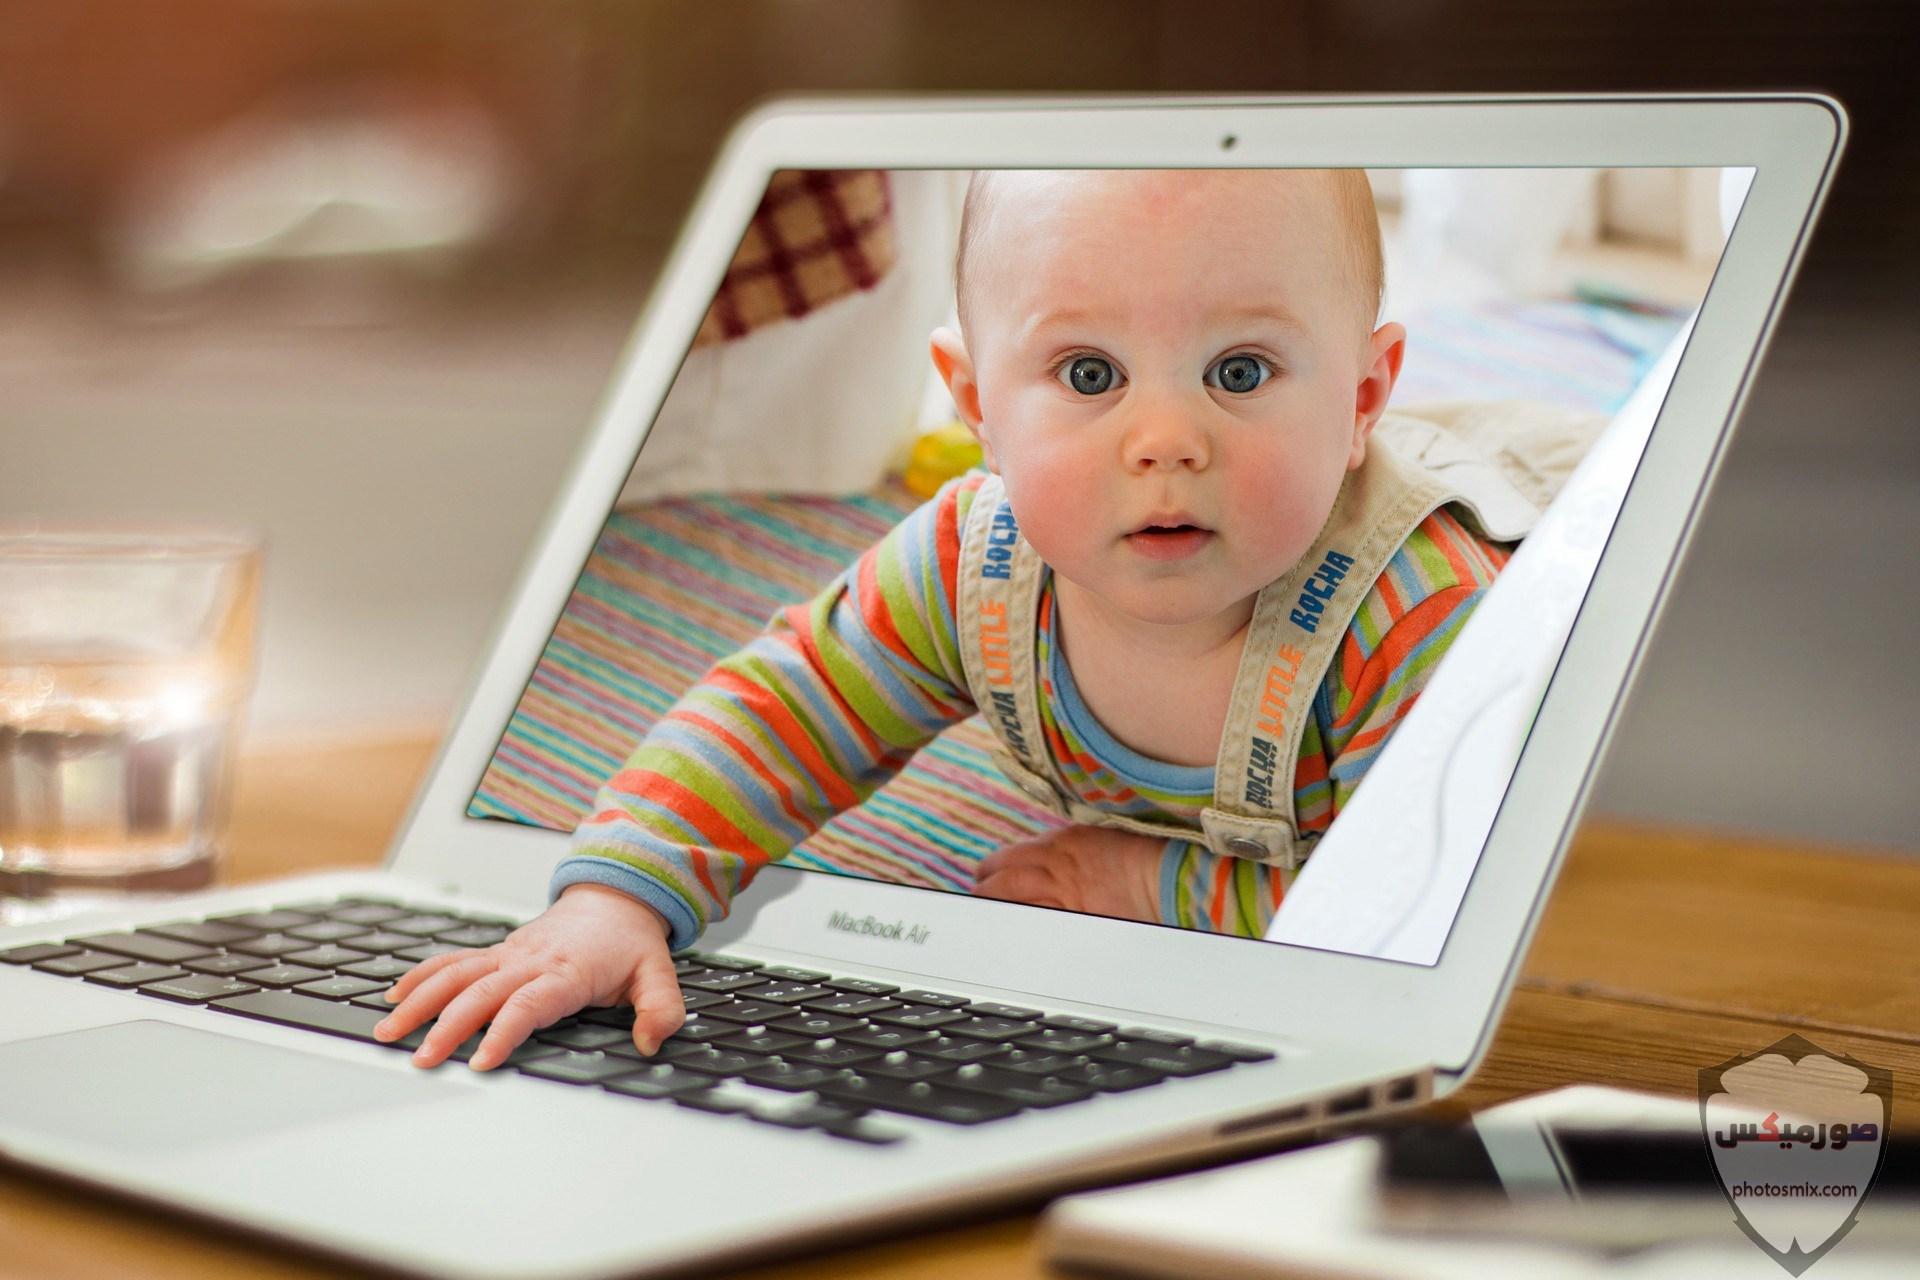 صور اطفال 2021 تحميل اكثر من 100 صور اطفال جميلة صور اطفال روعة 2020 4 1